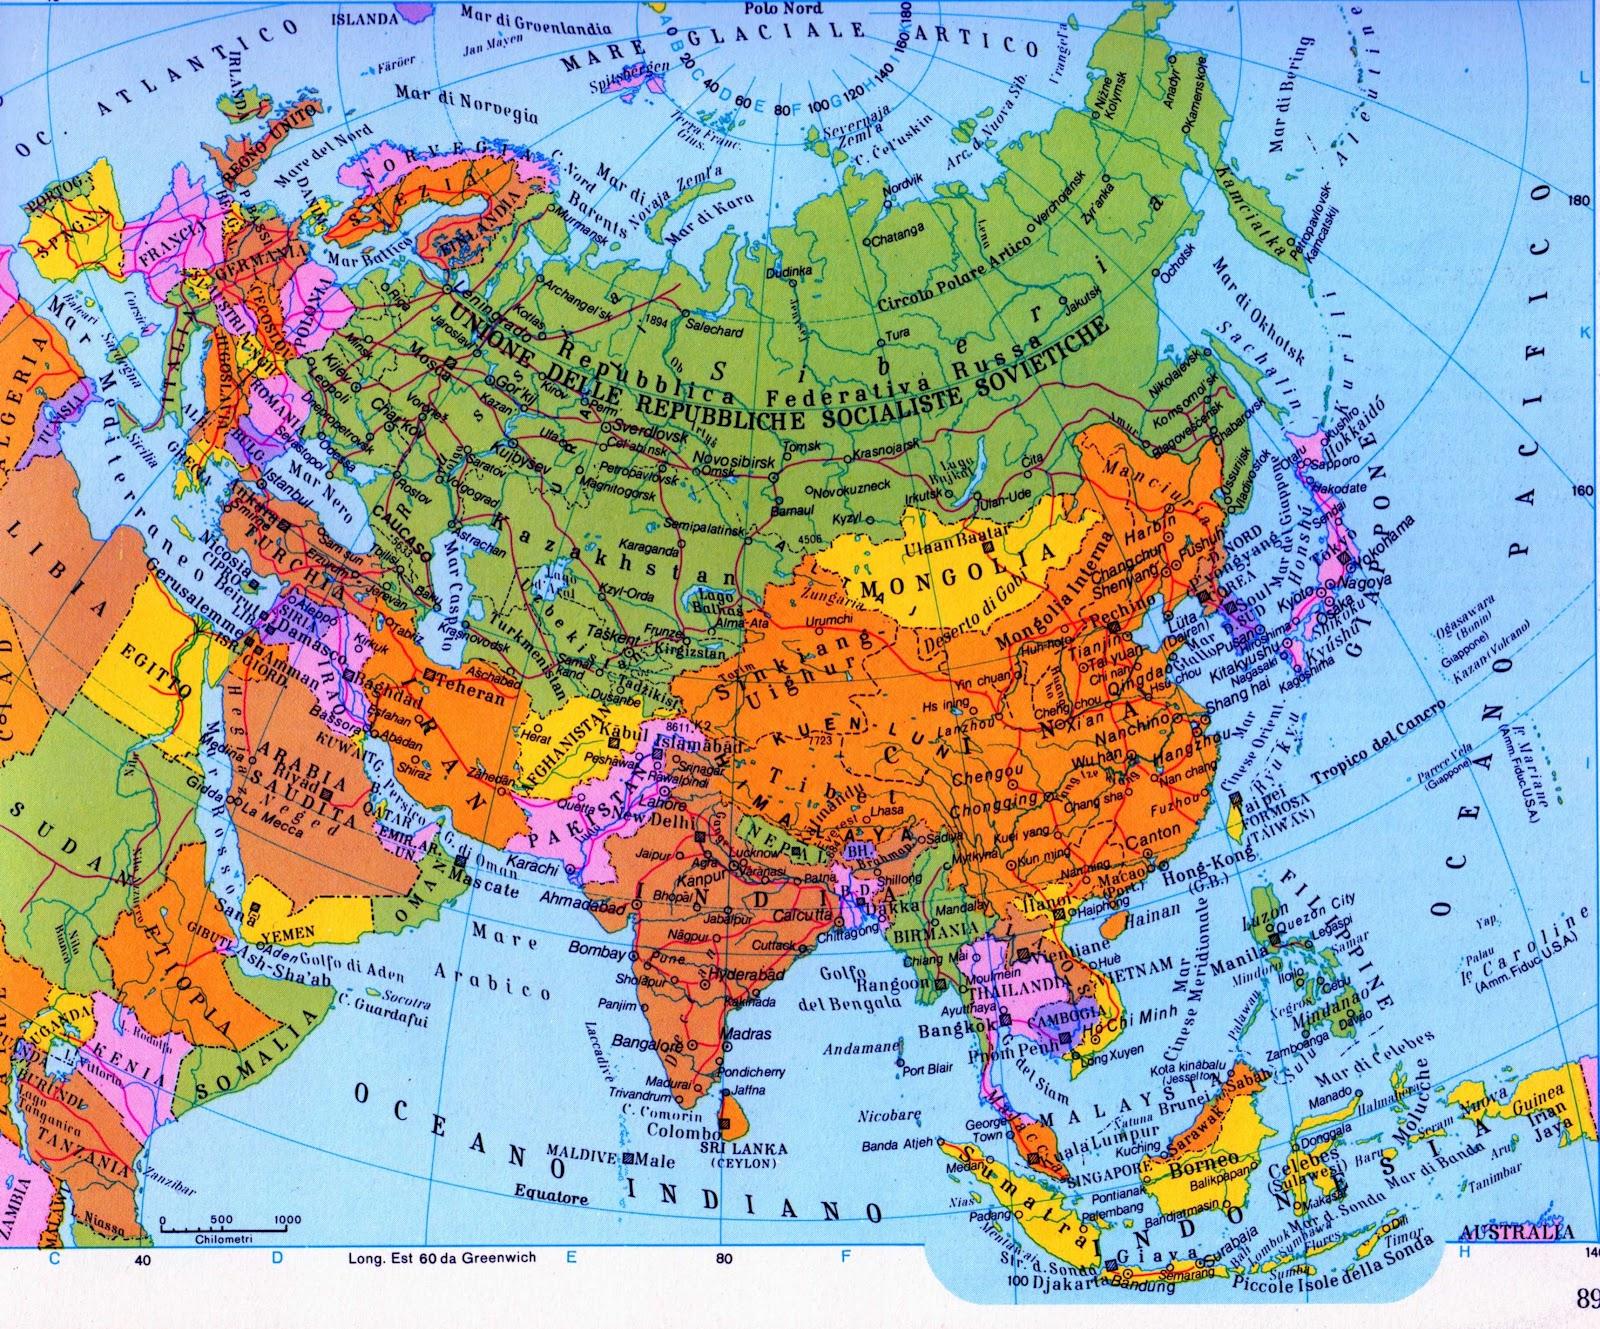 http://4.bp.blogspot.com/-RVUxbkoC9CE/T3Ty2GeNhaI/AAAAAAAACGg/BhYZUTZmUBA/s1600/carta+pol+Europa,+Urss+e+Asia+nel+1989.jpg